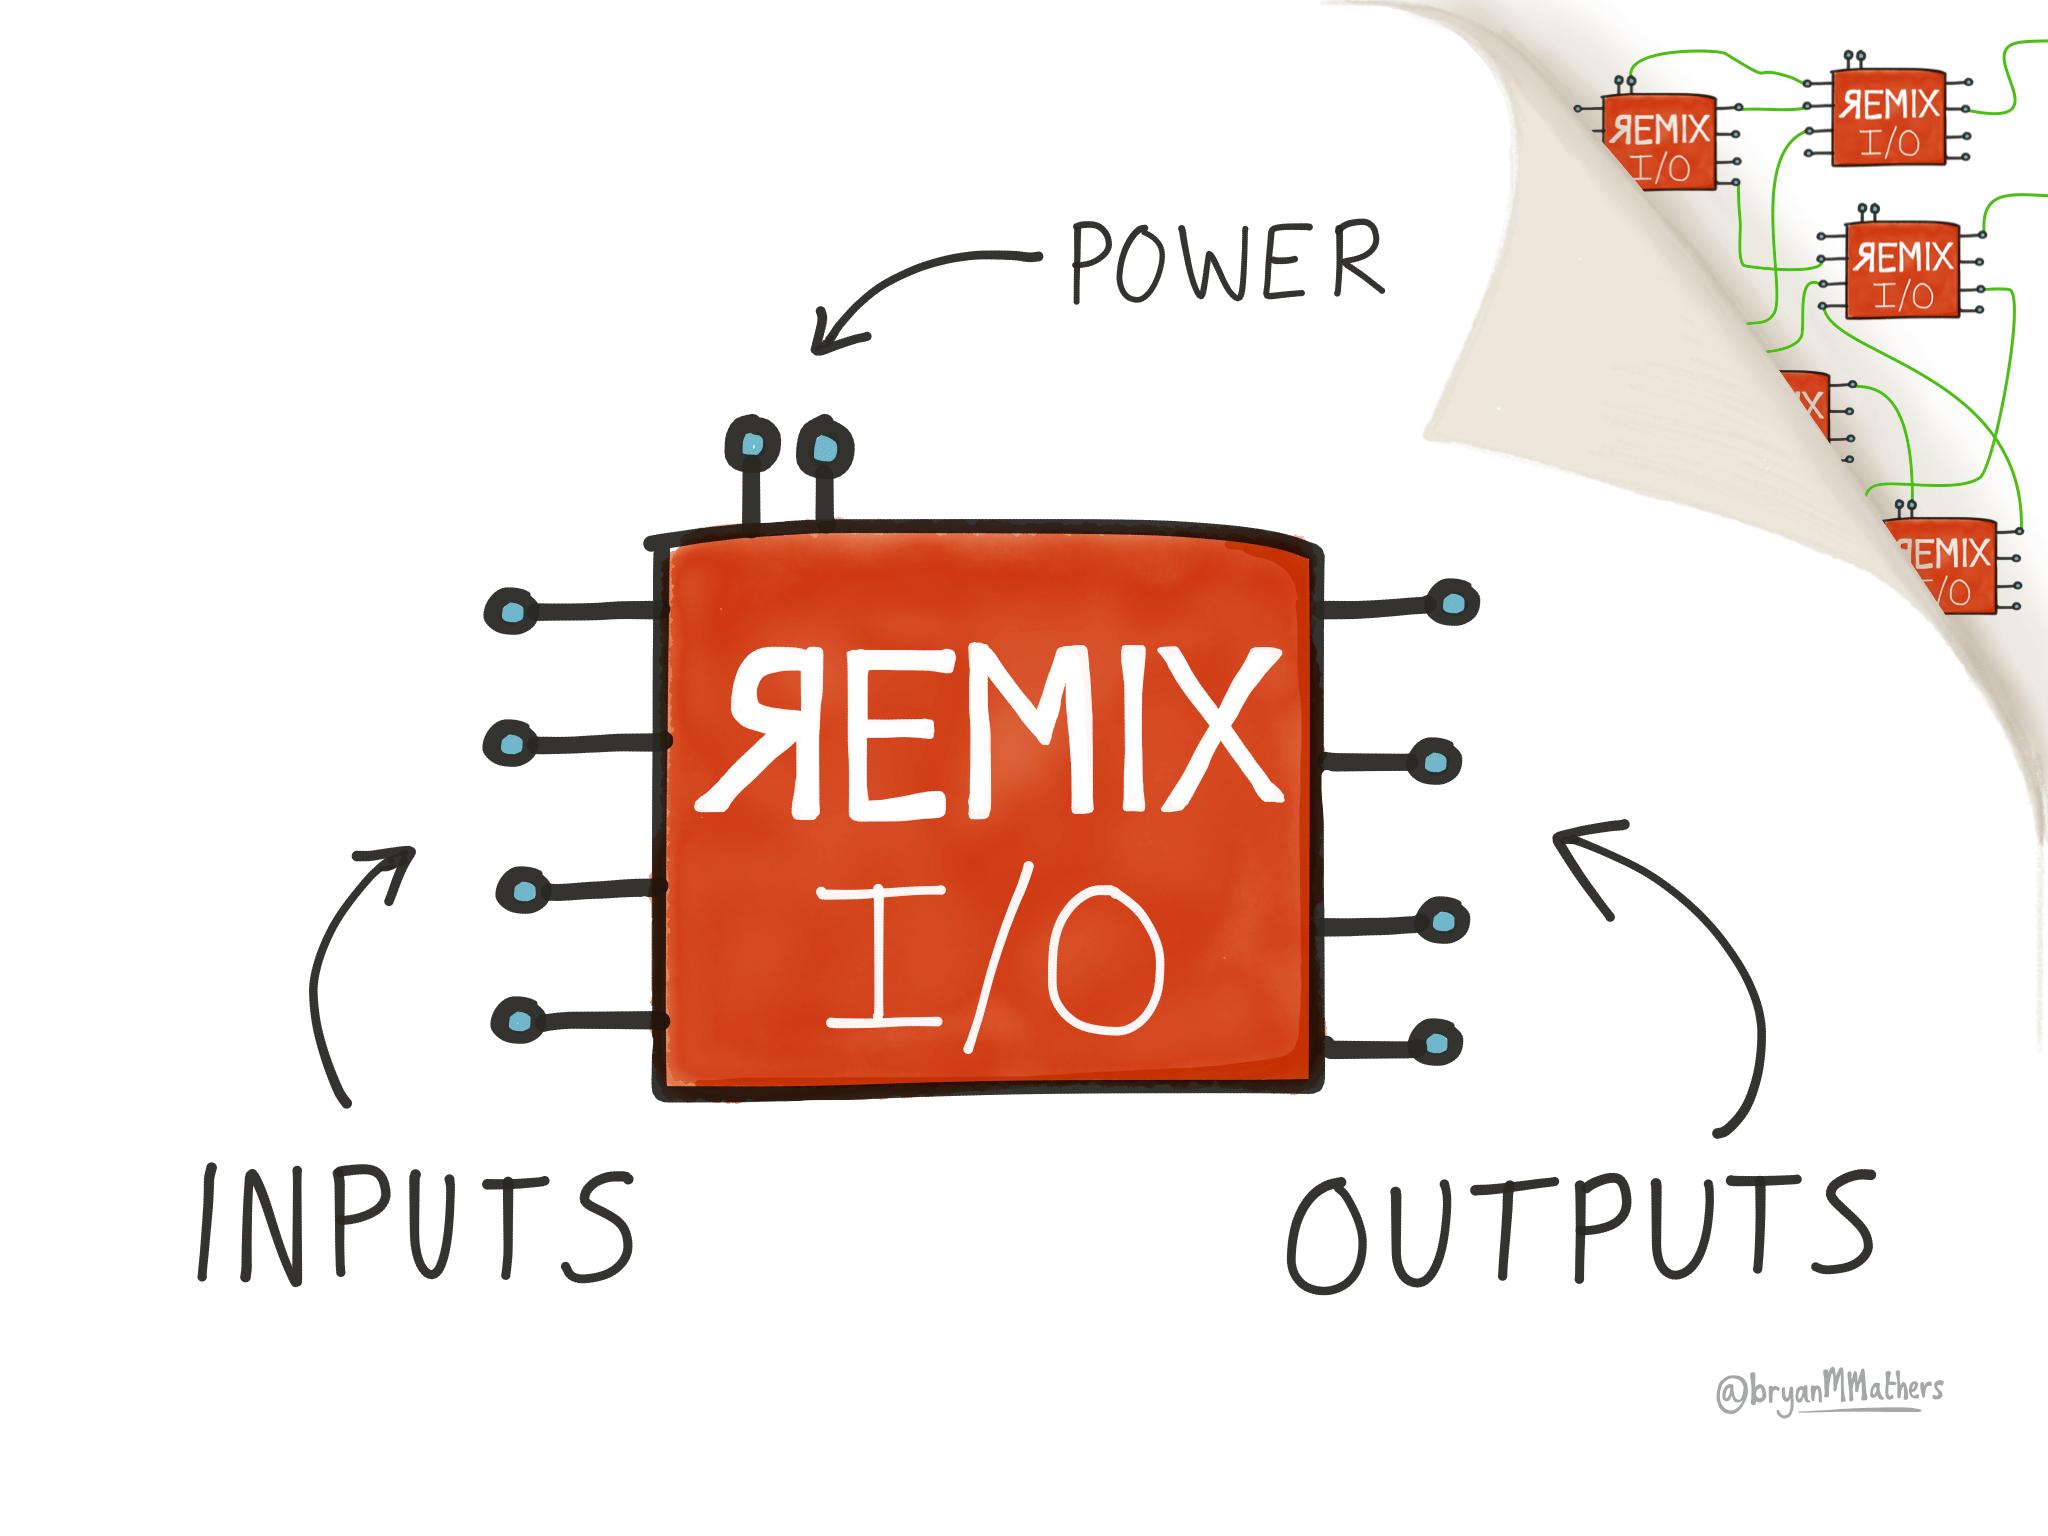 Remix I/O